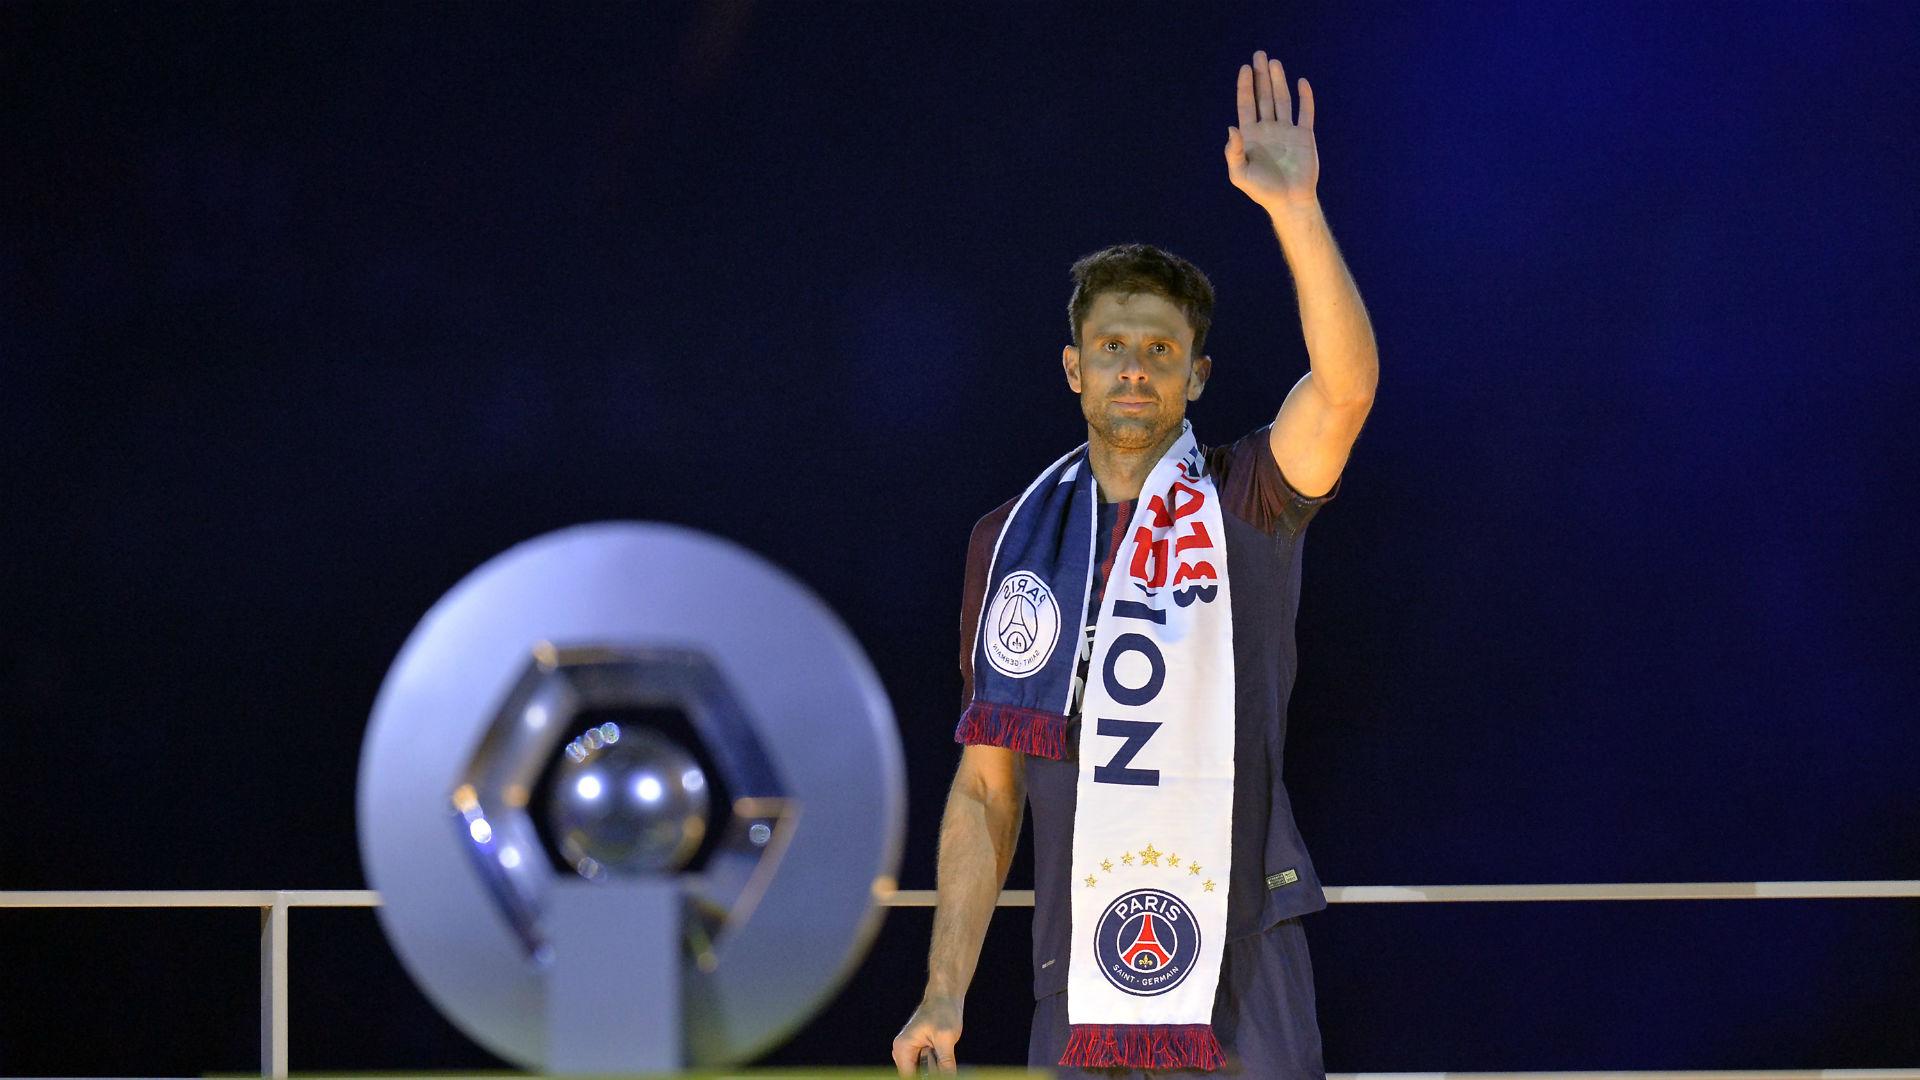 PSG Rennes Thiago Motta